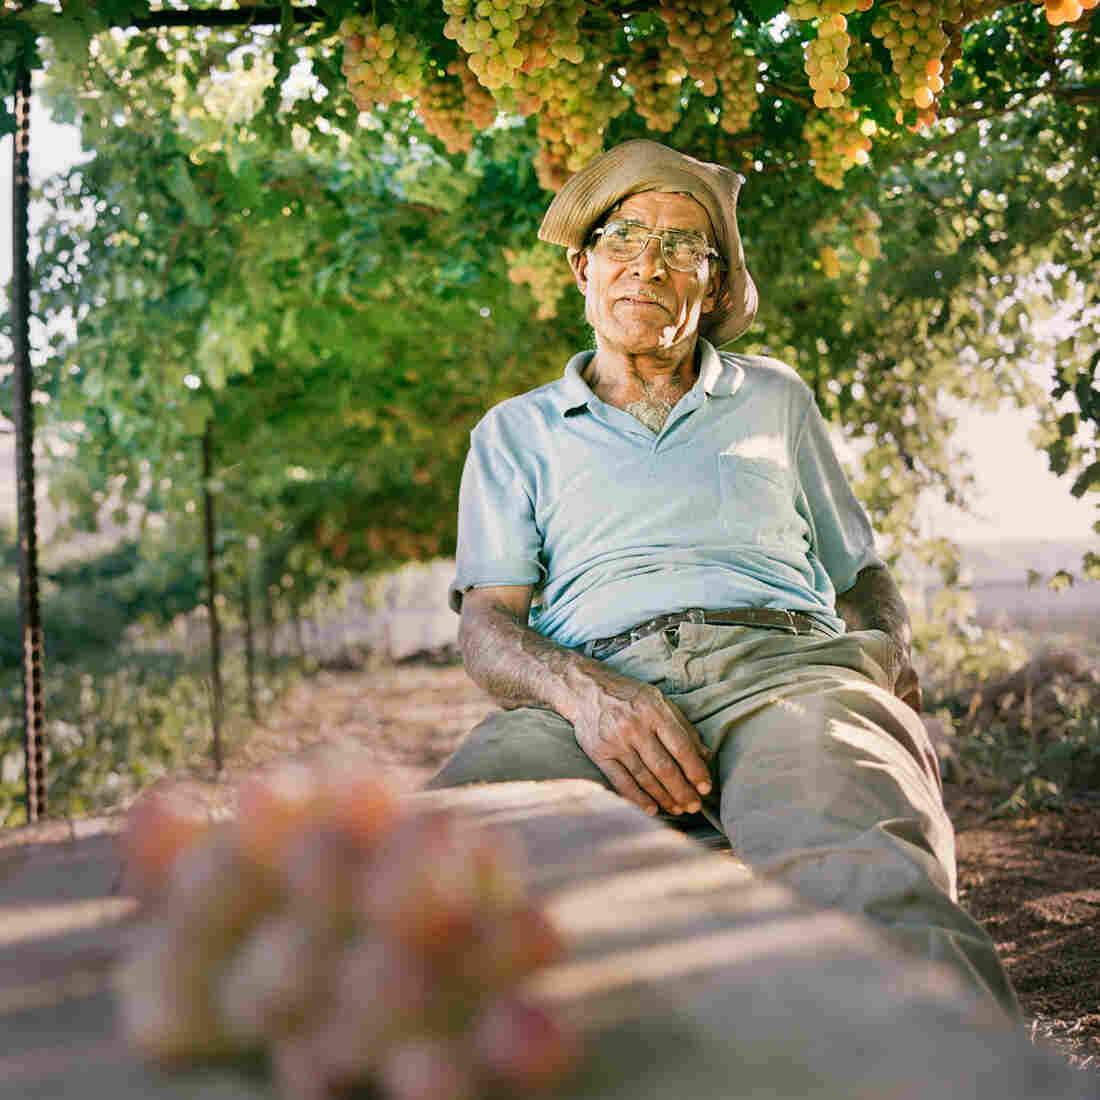 Mahmud, at his vineyard in Wadi Fuqin, Palestinian territories